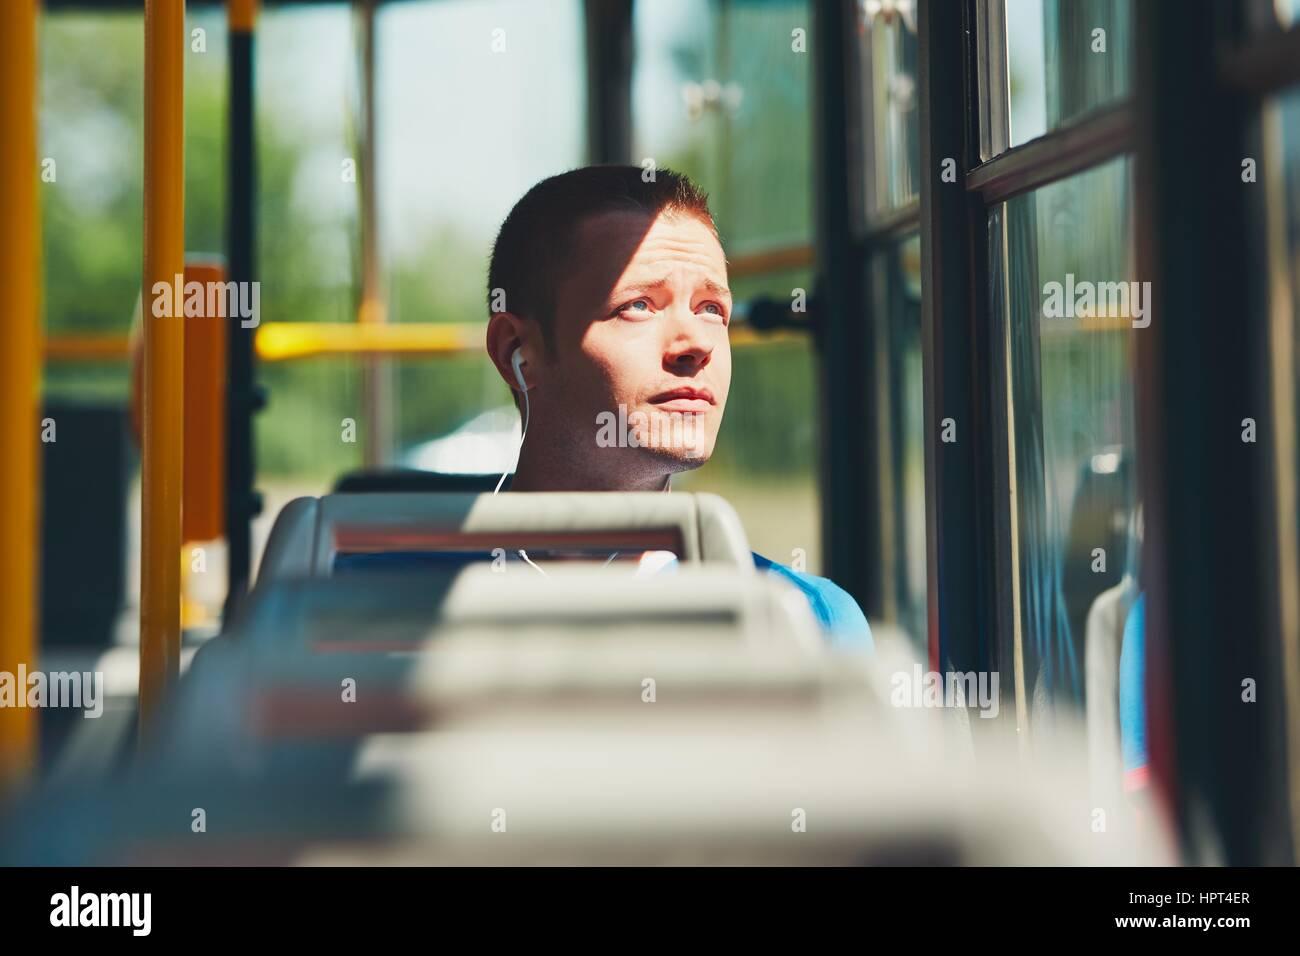 La vita quotidiana e il pendolarismo per lavorare con i mezzi di trasporto pubblici. Bel giovane uomo è in viaggio Foto Stock